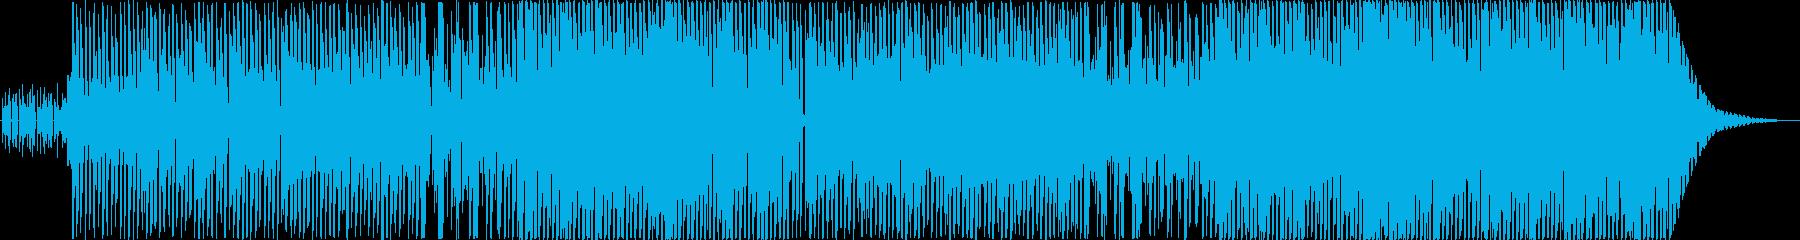 ノリノリなダンスポップの再生済みの波形